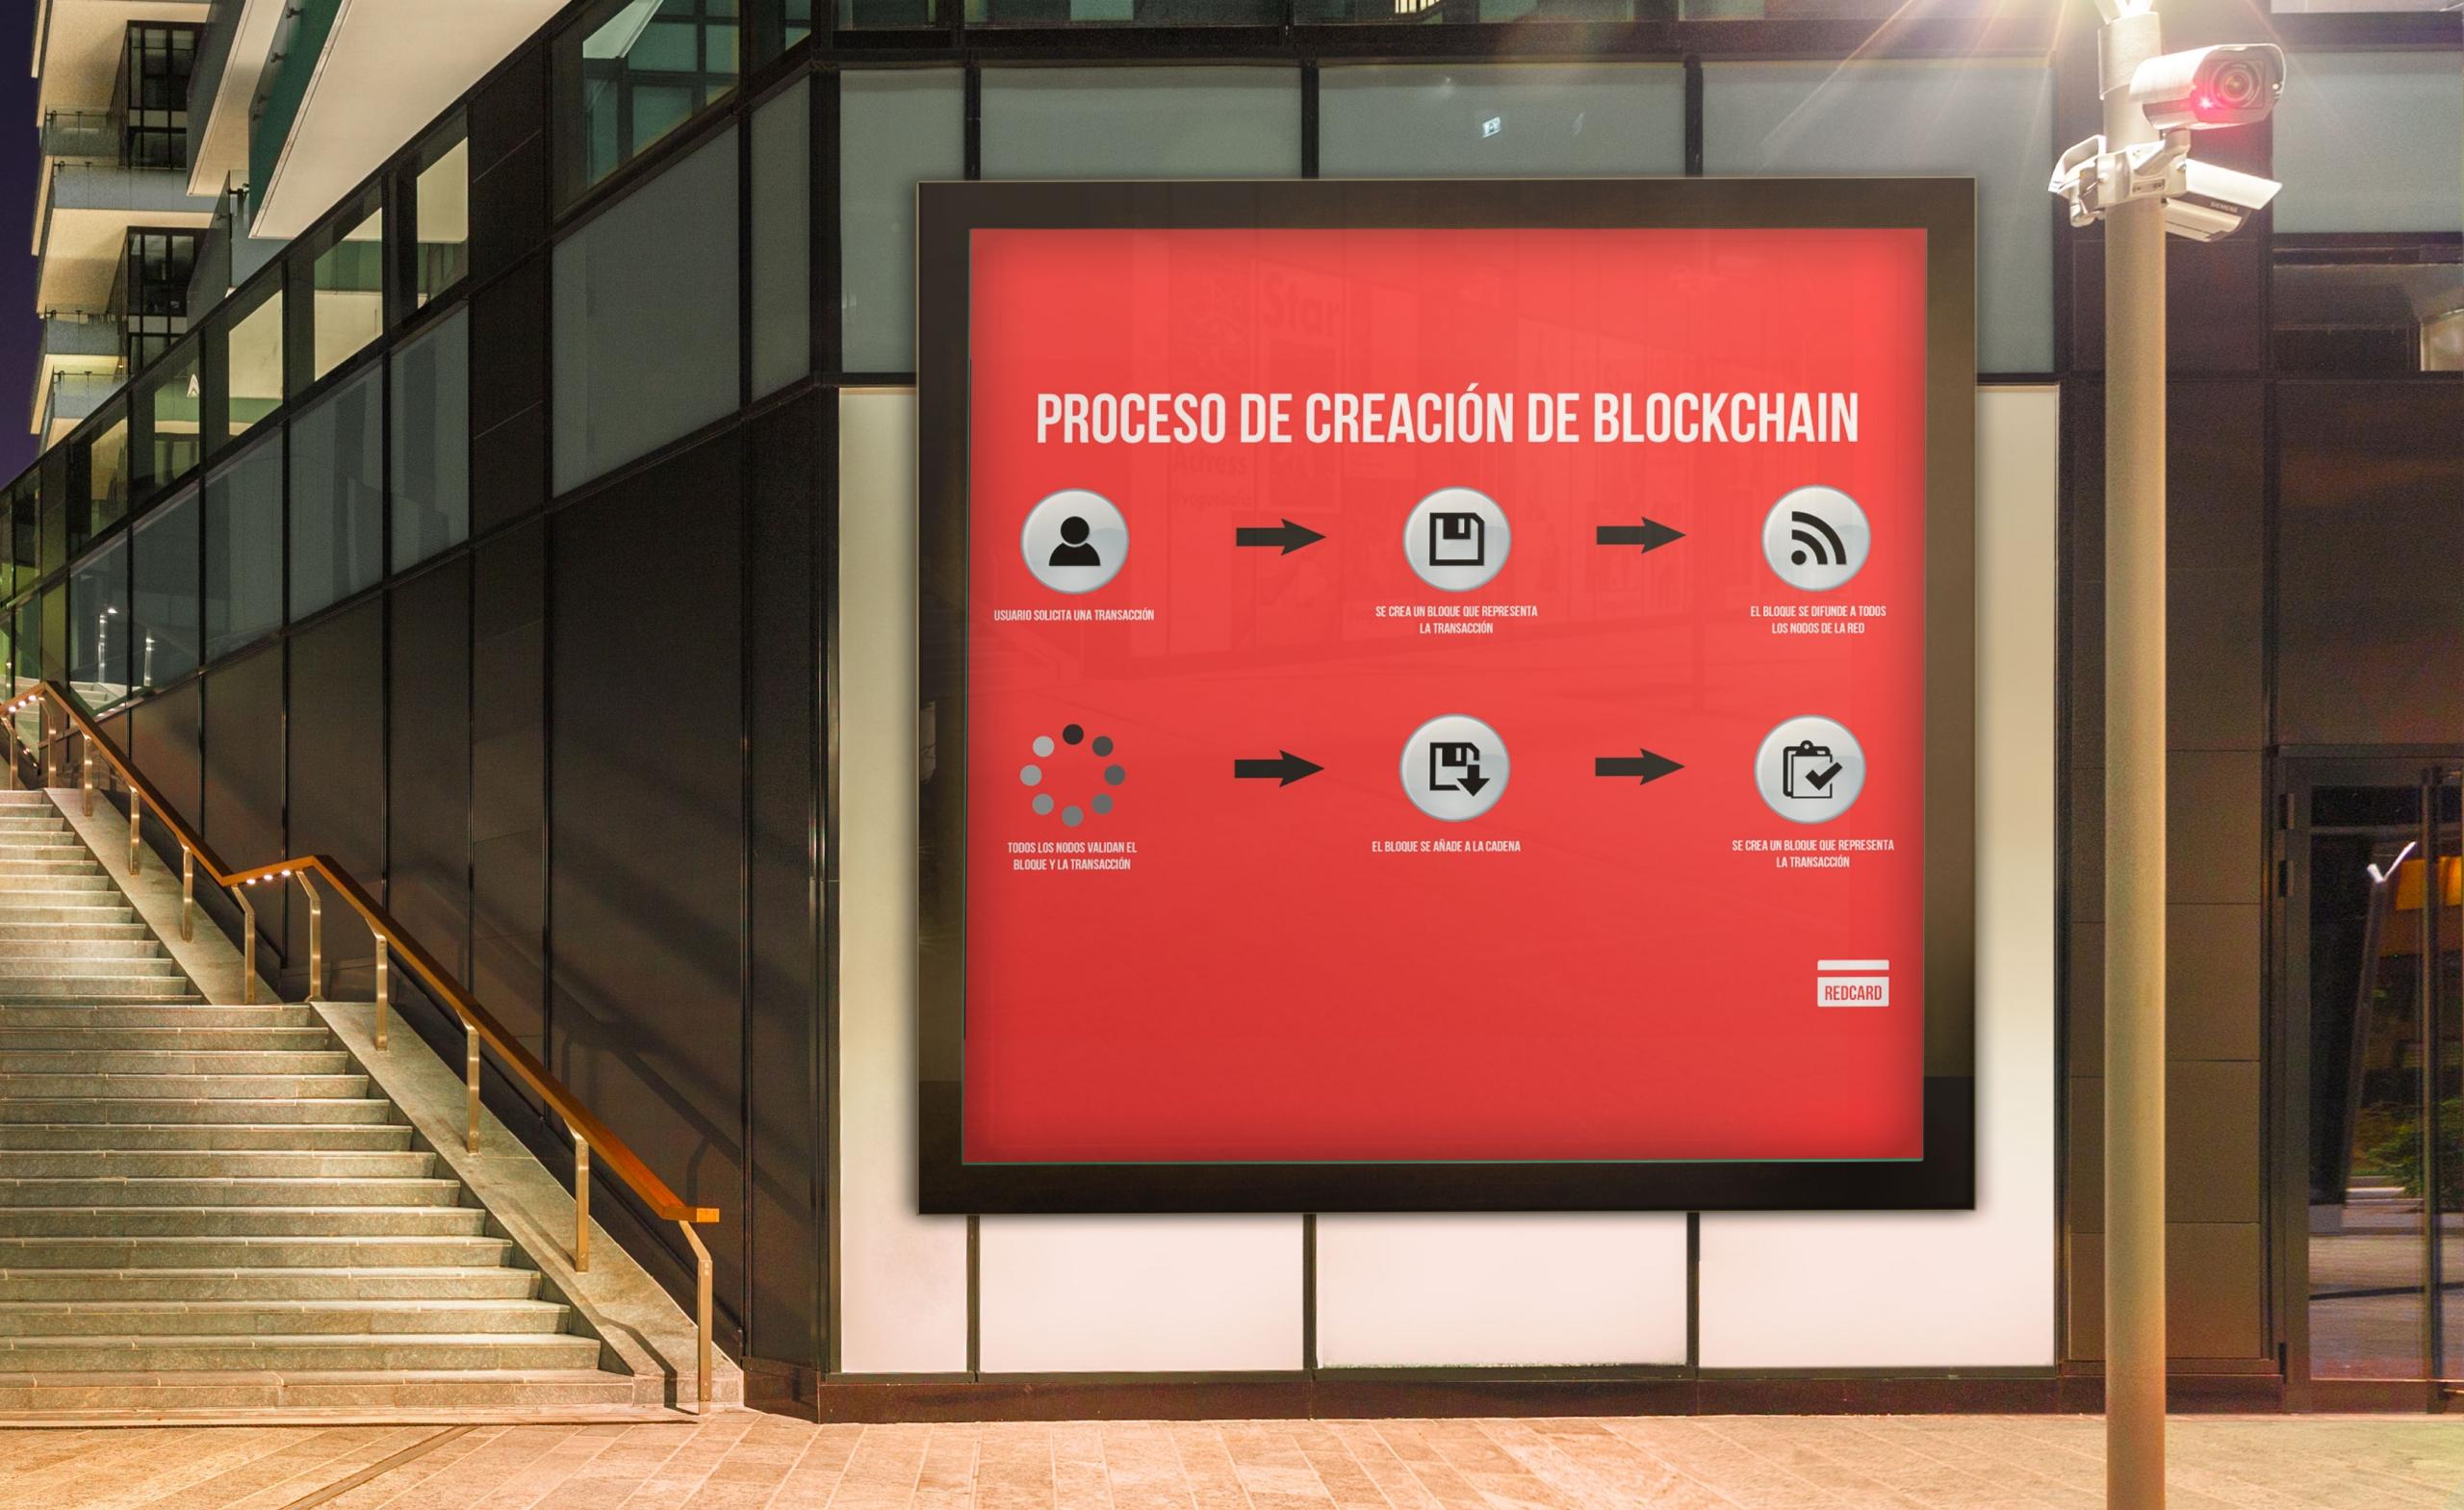 Proceso de creación del blockchain